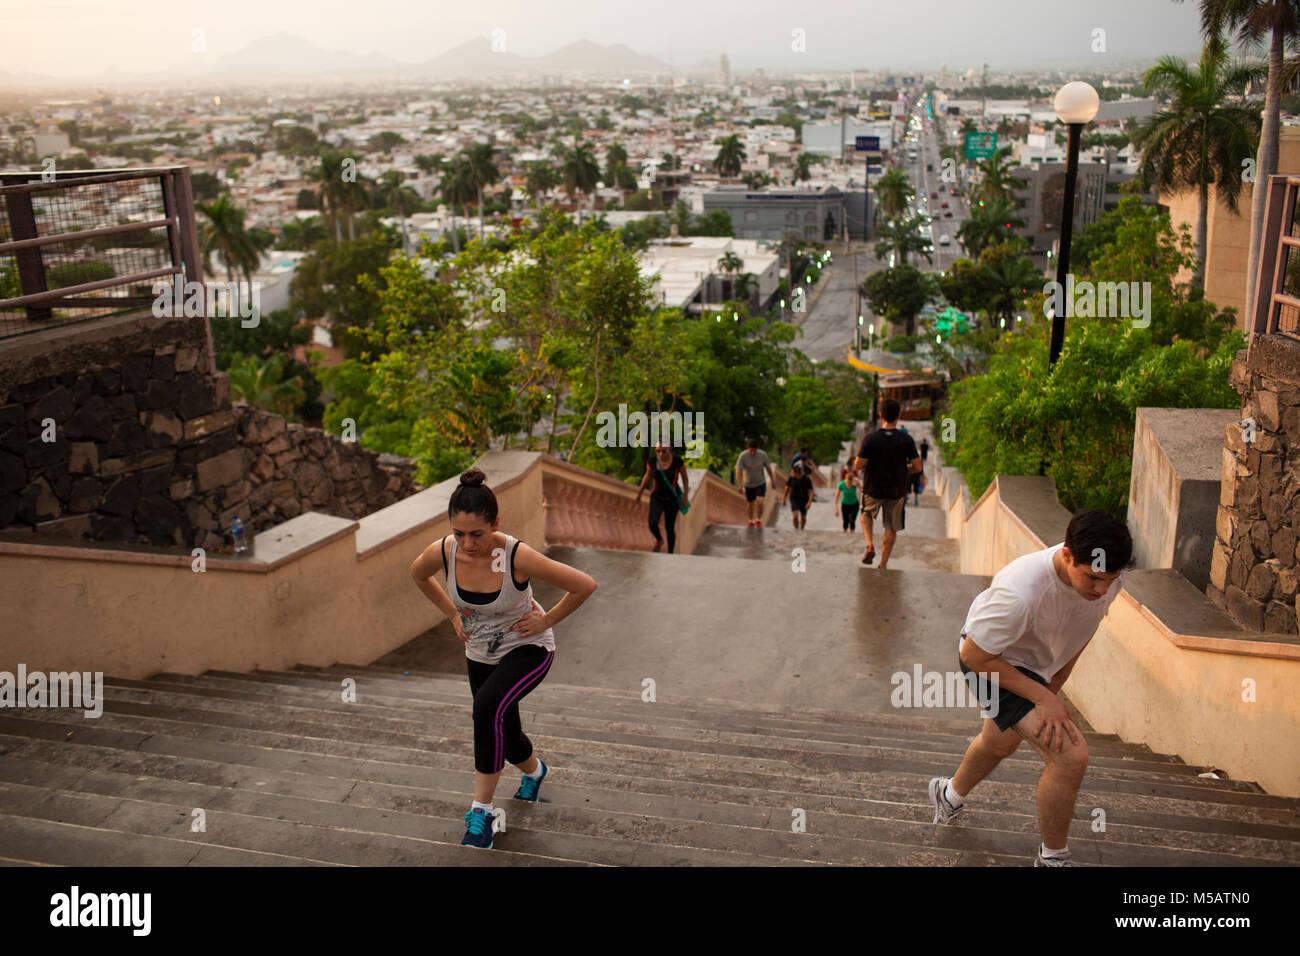 Le persone esercitano in Culiac‡n, Sinaloa, Messico giovedì, 16 luglio 2015. Sinaloa è stato messicano Immagini Stock